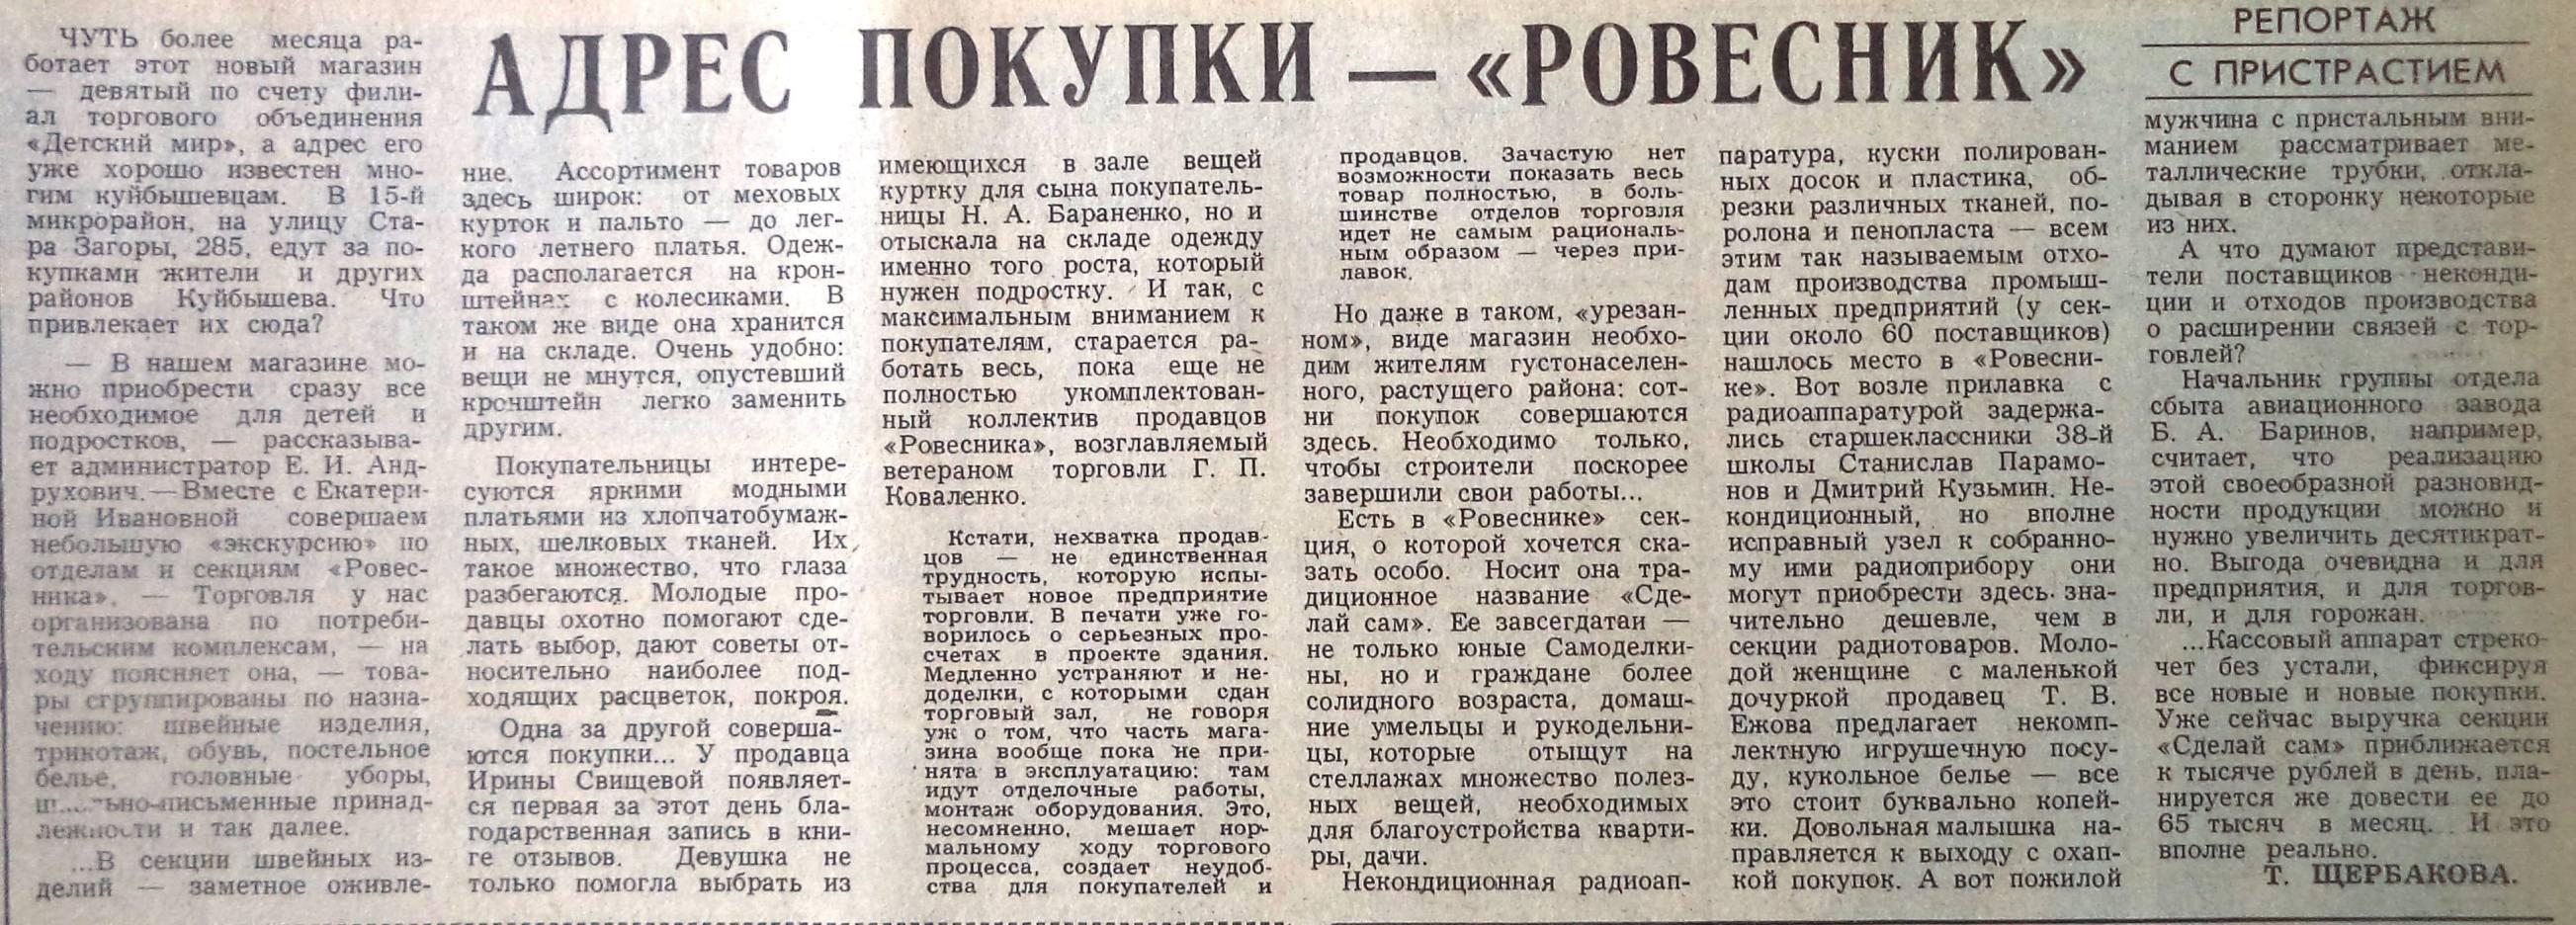 Стара Загора-ФОТО-136-ВЗя-1987-03-13-новый маг. Ровесник на СЗ-285-min-min